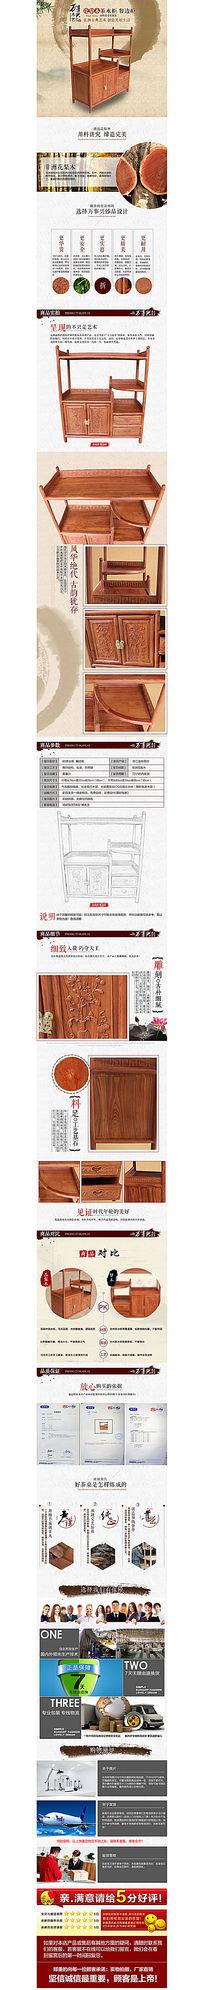 淘宝实木家具详情描述模板